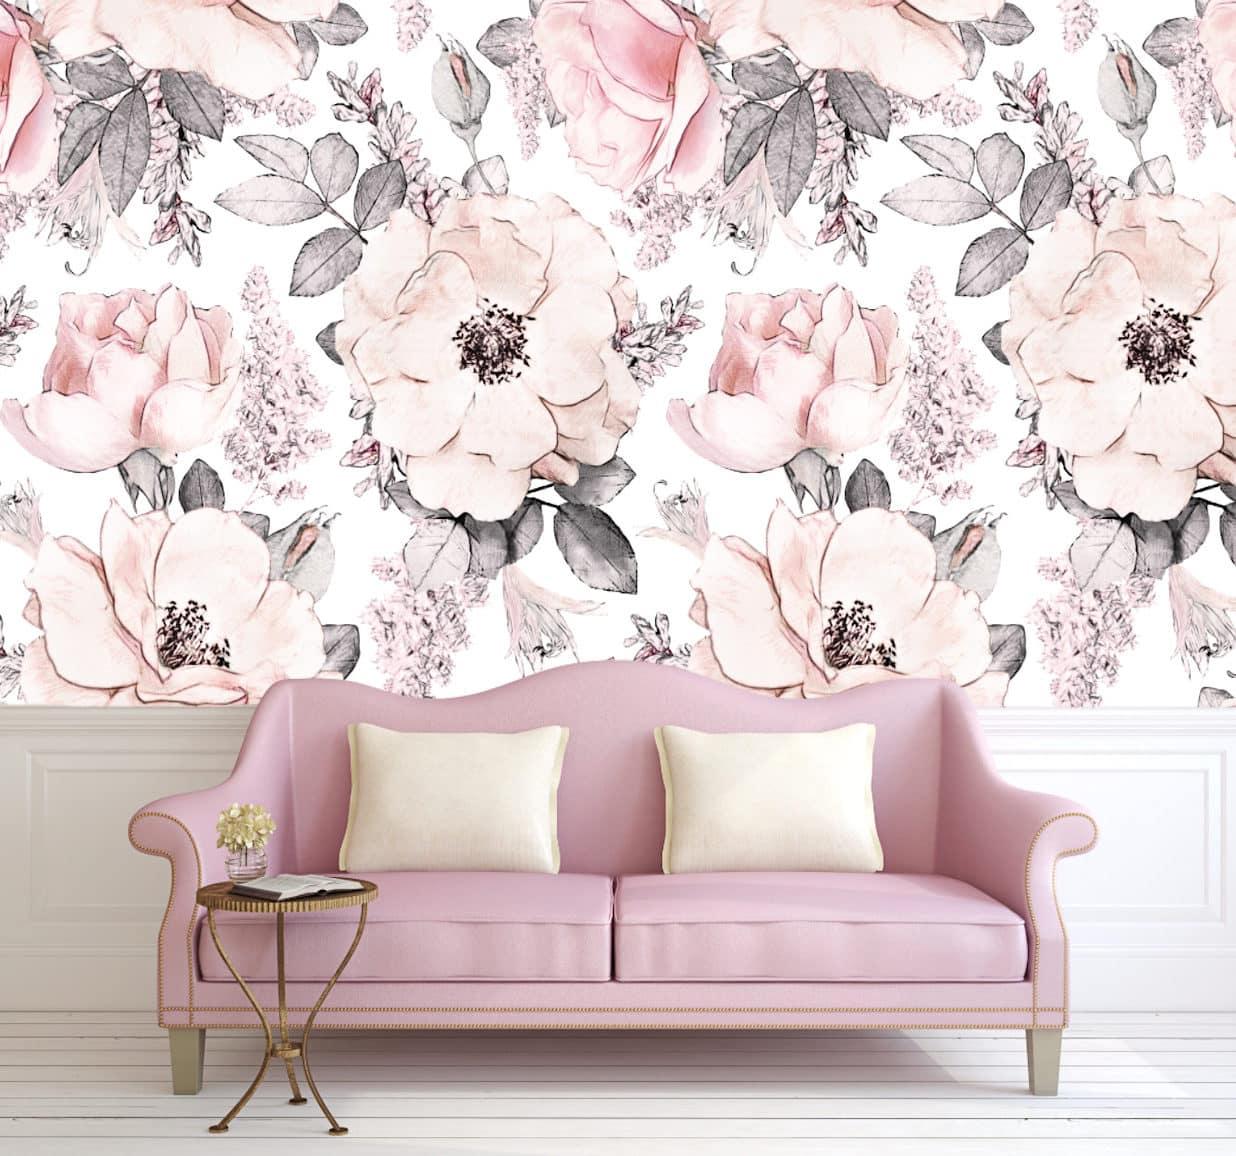 Оригинальные обои в нежно-розовой цветовой гамме